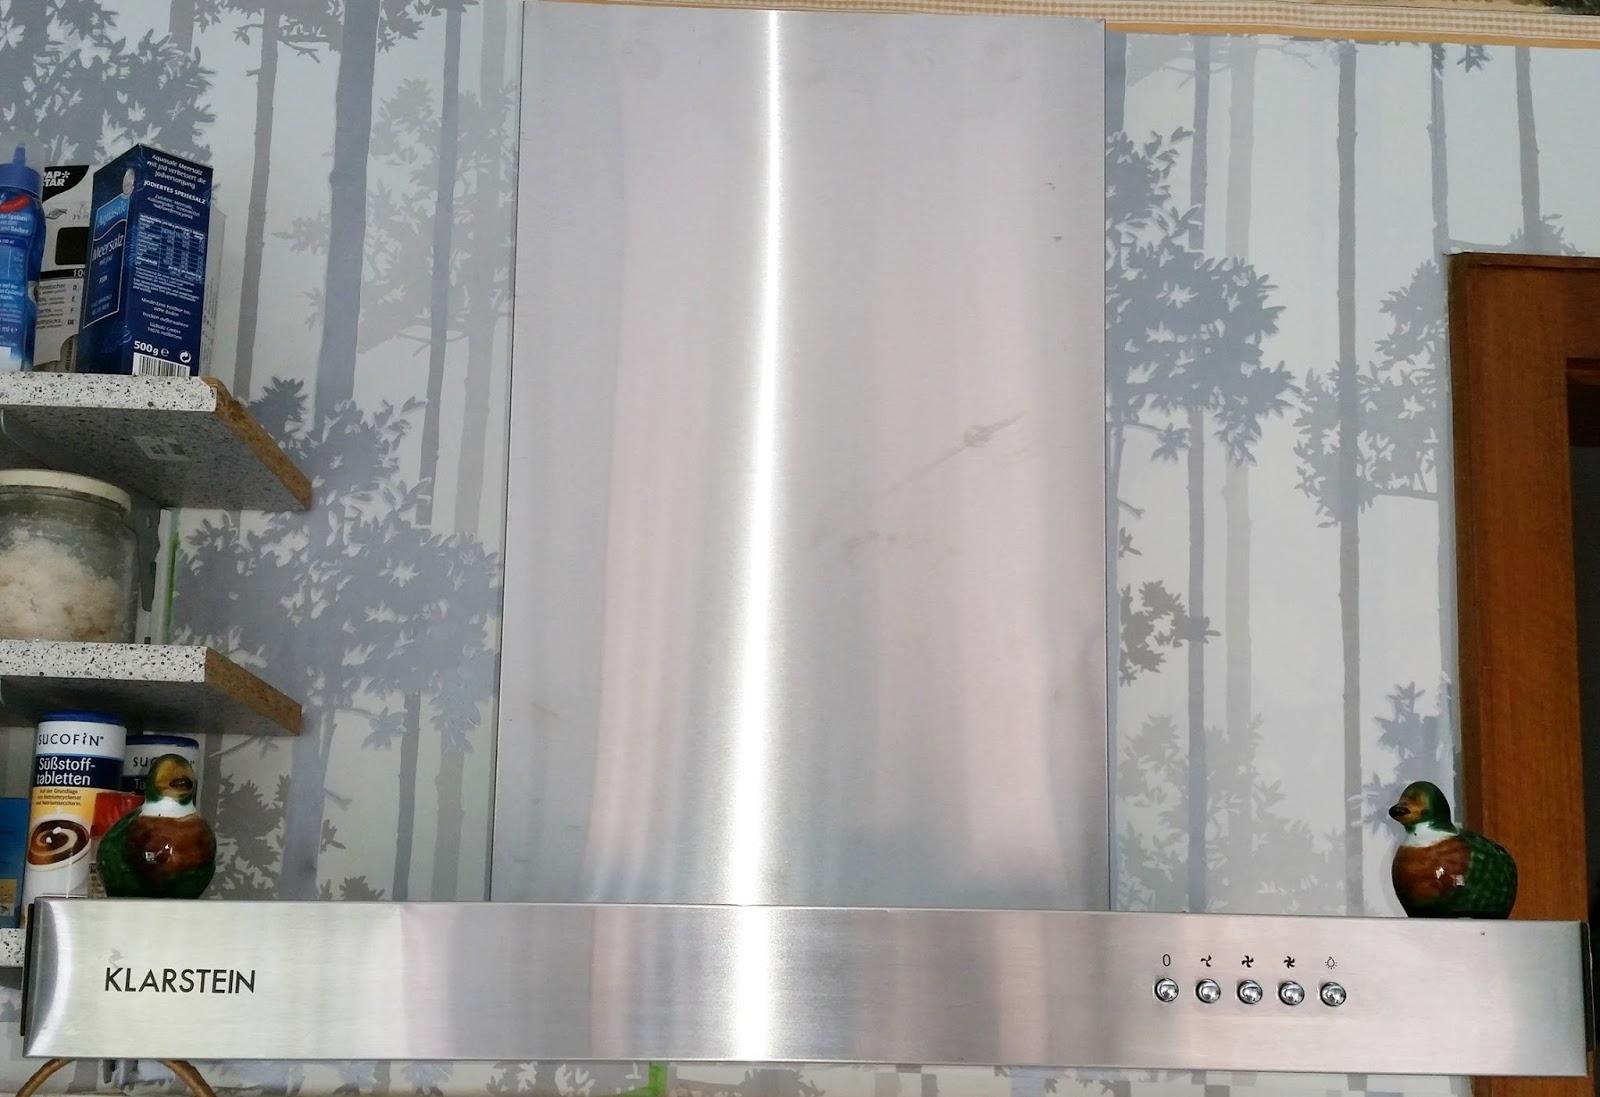 Zarahu201c dunstabzugshaube von klarstein u2013 ideal für kleinere küchen